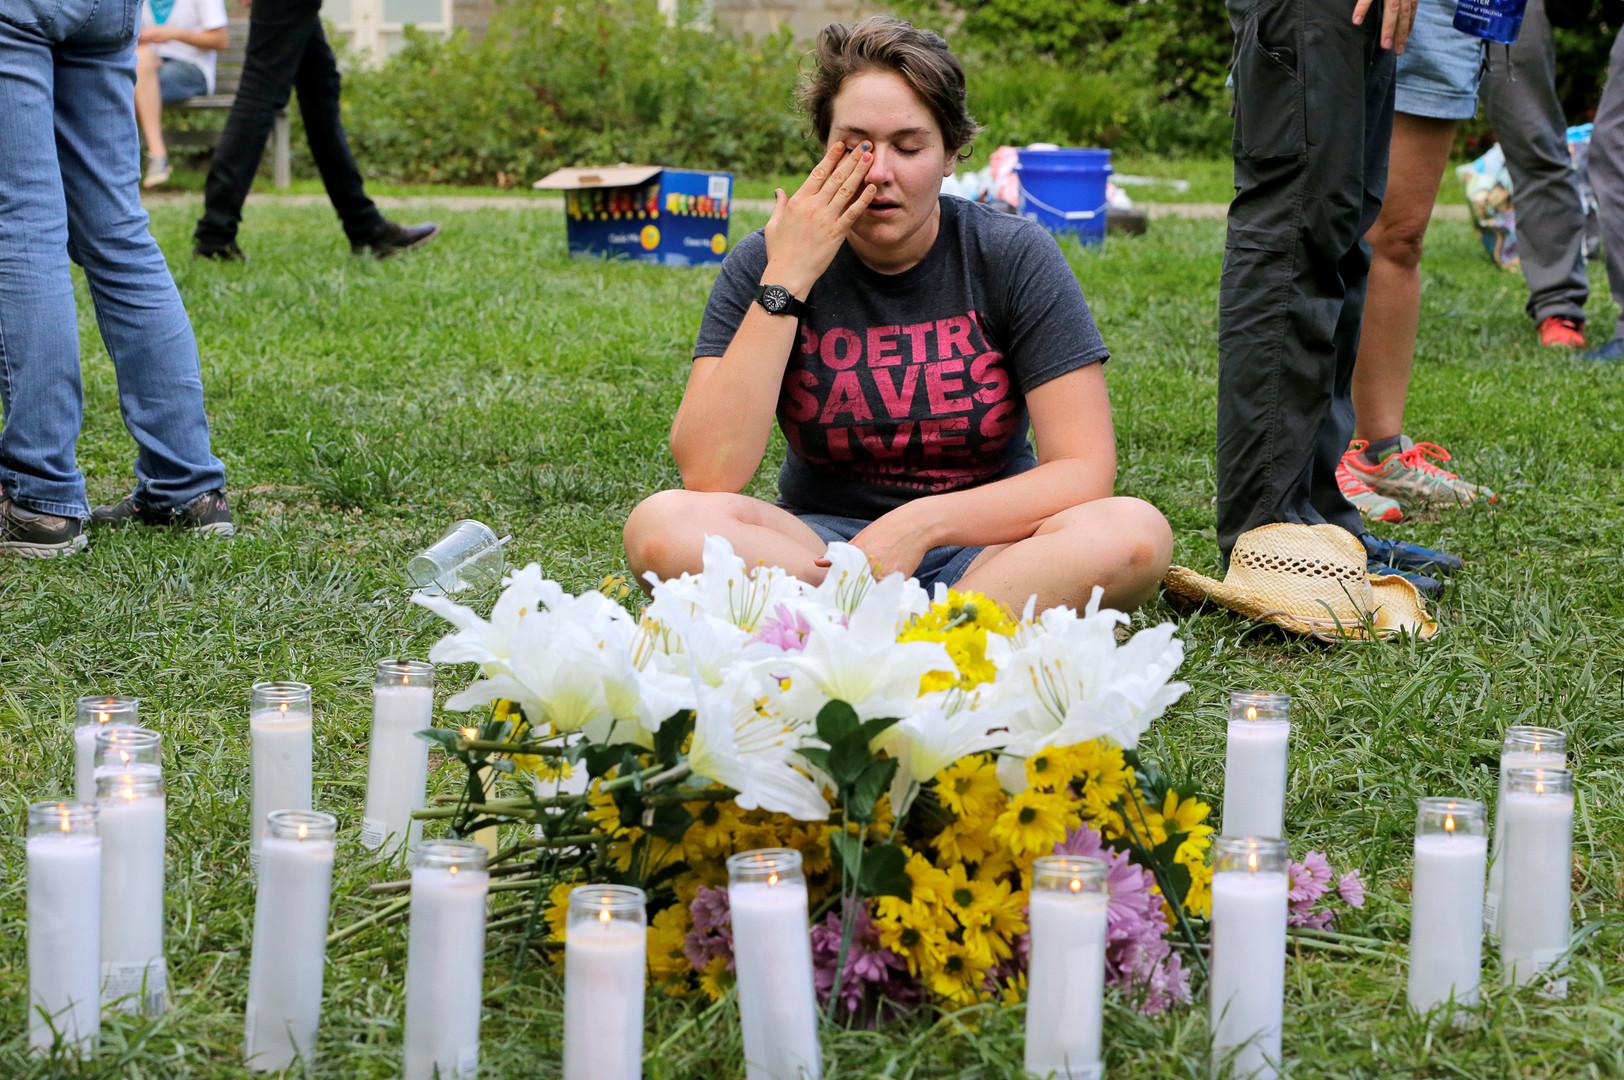 Eine Anwohnerin gedenkt der Opfer von Charlottesville. Eine Frau wurde getötet, 19 Menschen verletzt. Ein Mann steuerte sein Fahrzeug absichtlich in linke Demonstranten. Die Verhandlungen gegen ihn laufen derzeit. Virginia, USA, 12. August 2017.